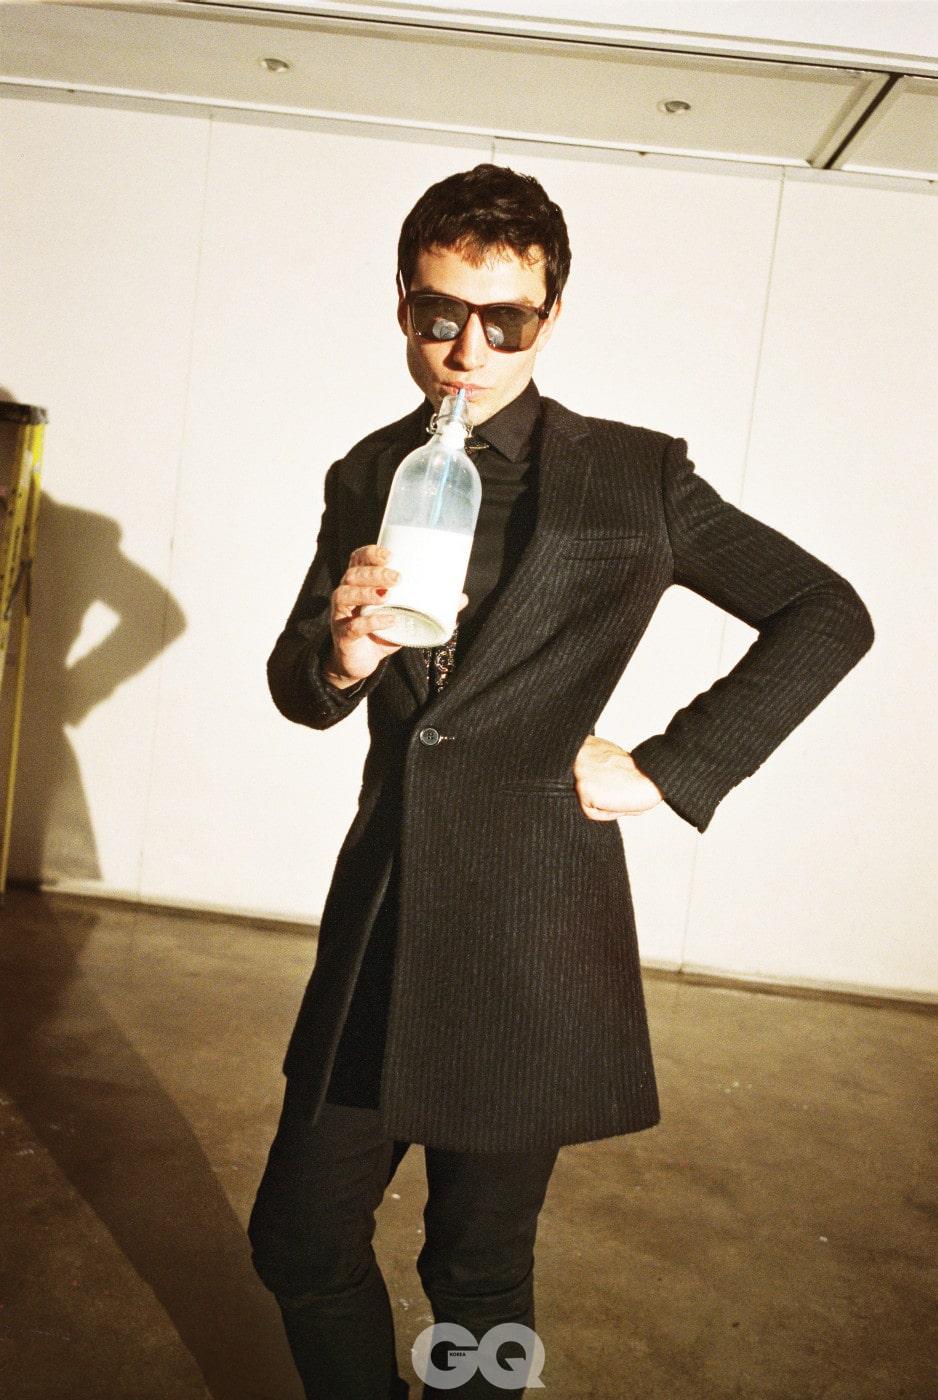 원버튼 스트라이프 재킷, 클래식 블랙 사틴 셔츠, 블랙 데님 슬림 진, 멀티 컬러 엠브로이더리 타이, 모두 생 로랑 by 안토니 바카렐로. 버건디 색 선글라스, 생 로랑 by 케어링아이웨어코리아.